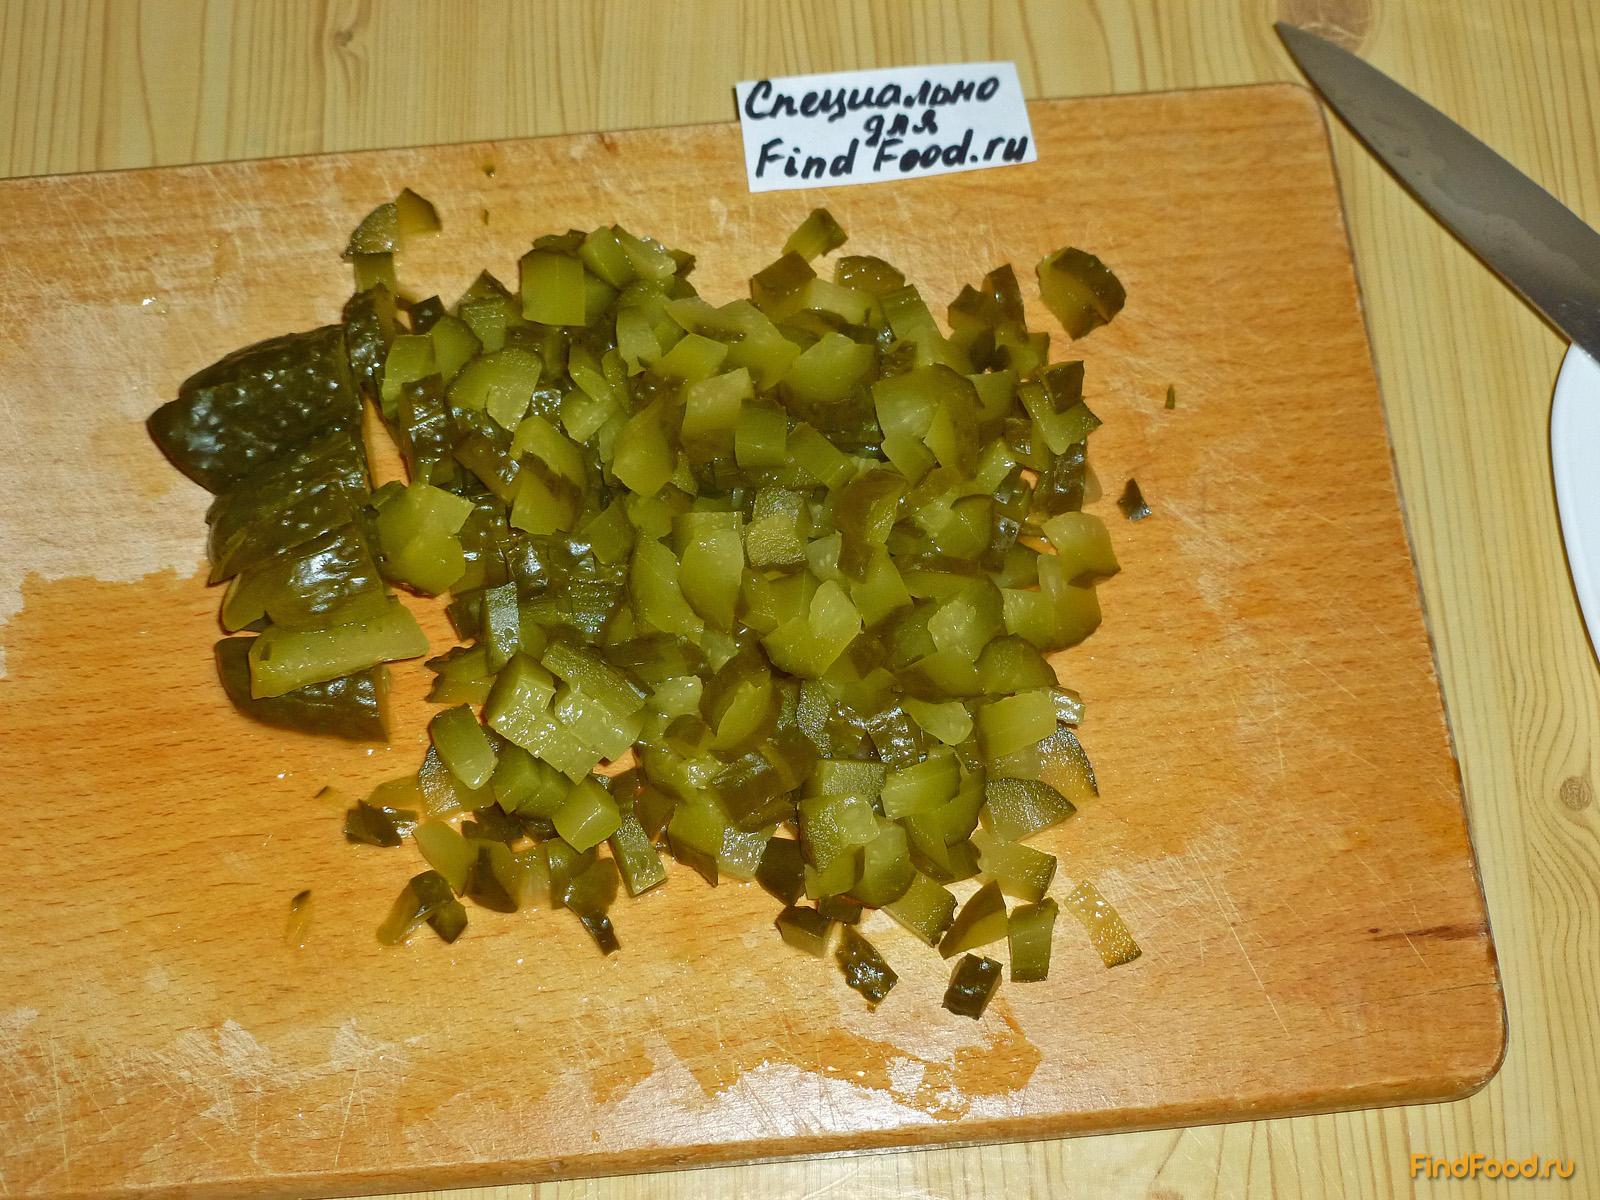 рецепт заправки к салату из копченой индюшки и сельдерея